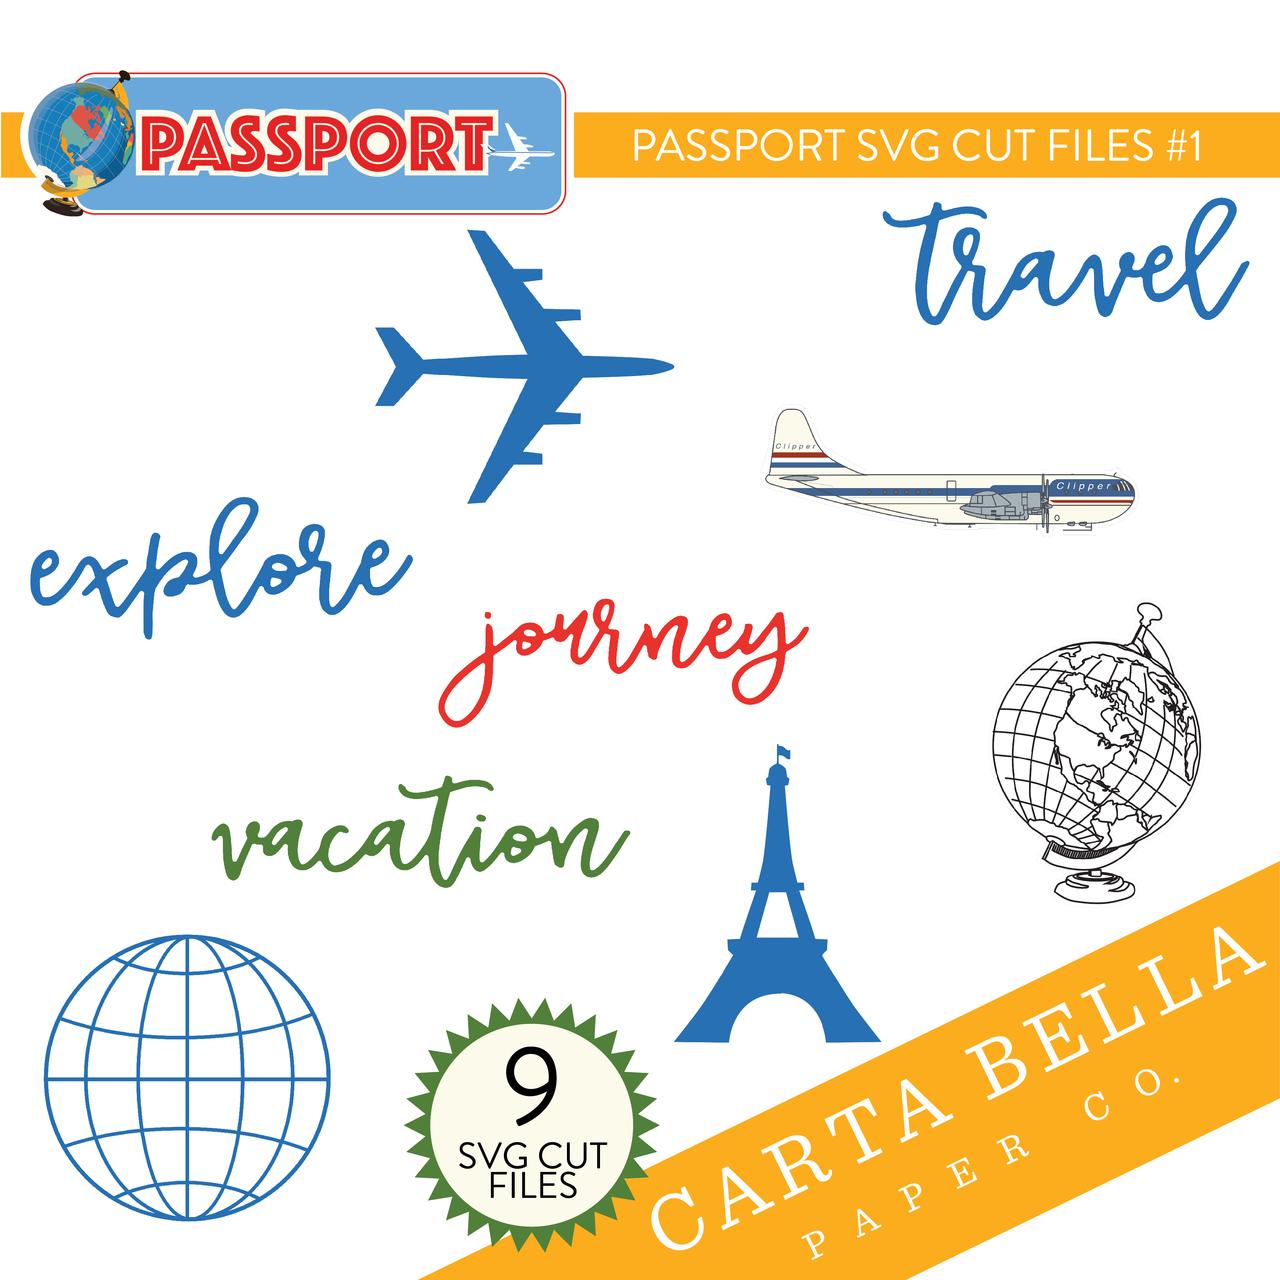 Passport SVG Cut Files #1